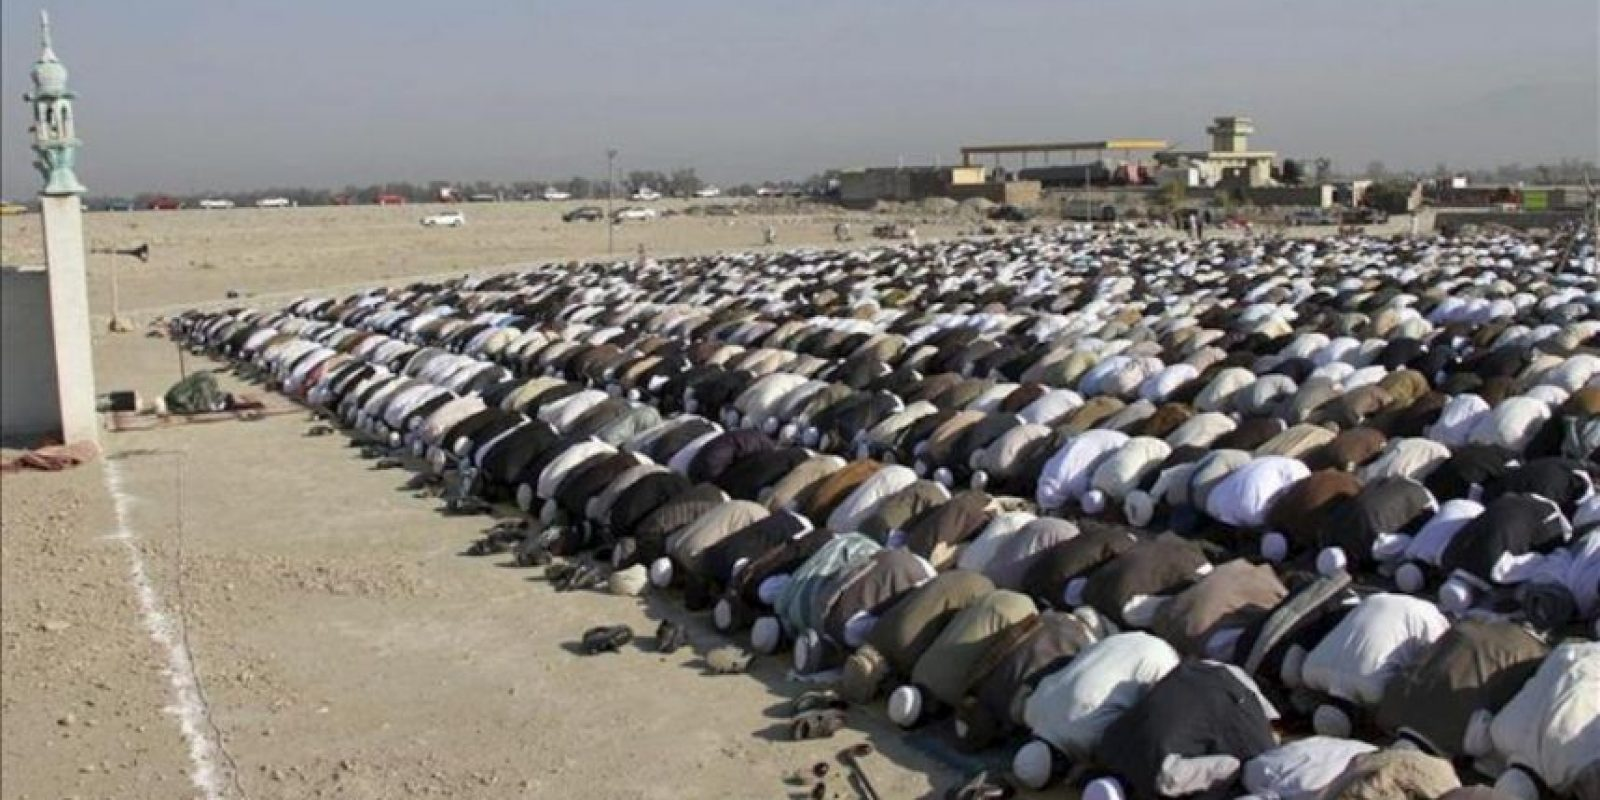 Musulmanes rezan con motivo de la celebración del Eid al-Adha en una mezquita en Jalalabab (Afganistán) hoy, viernes 26 de octubre. EFE